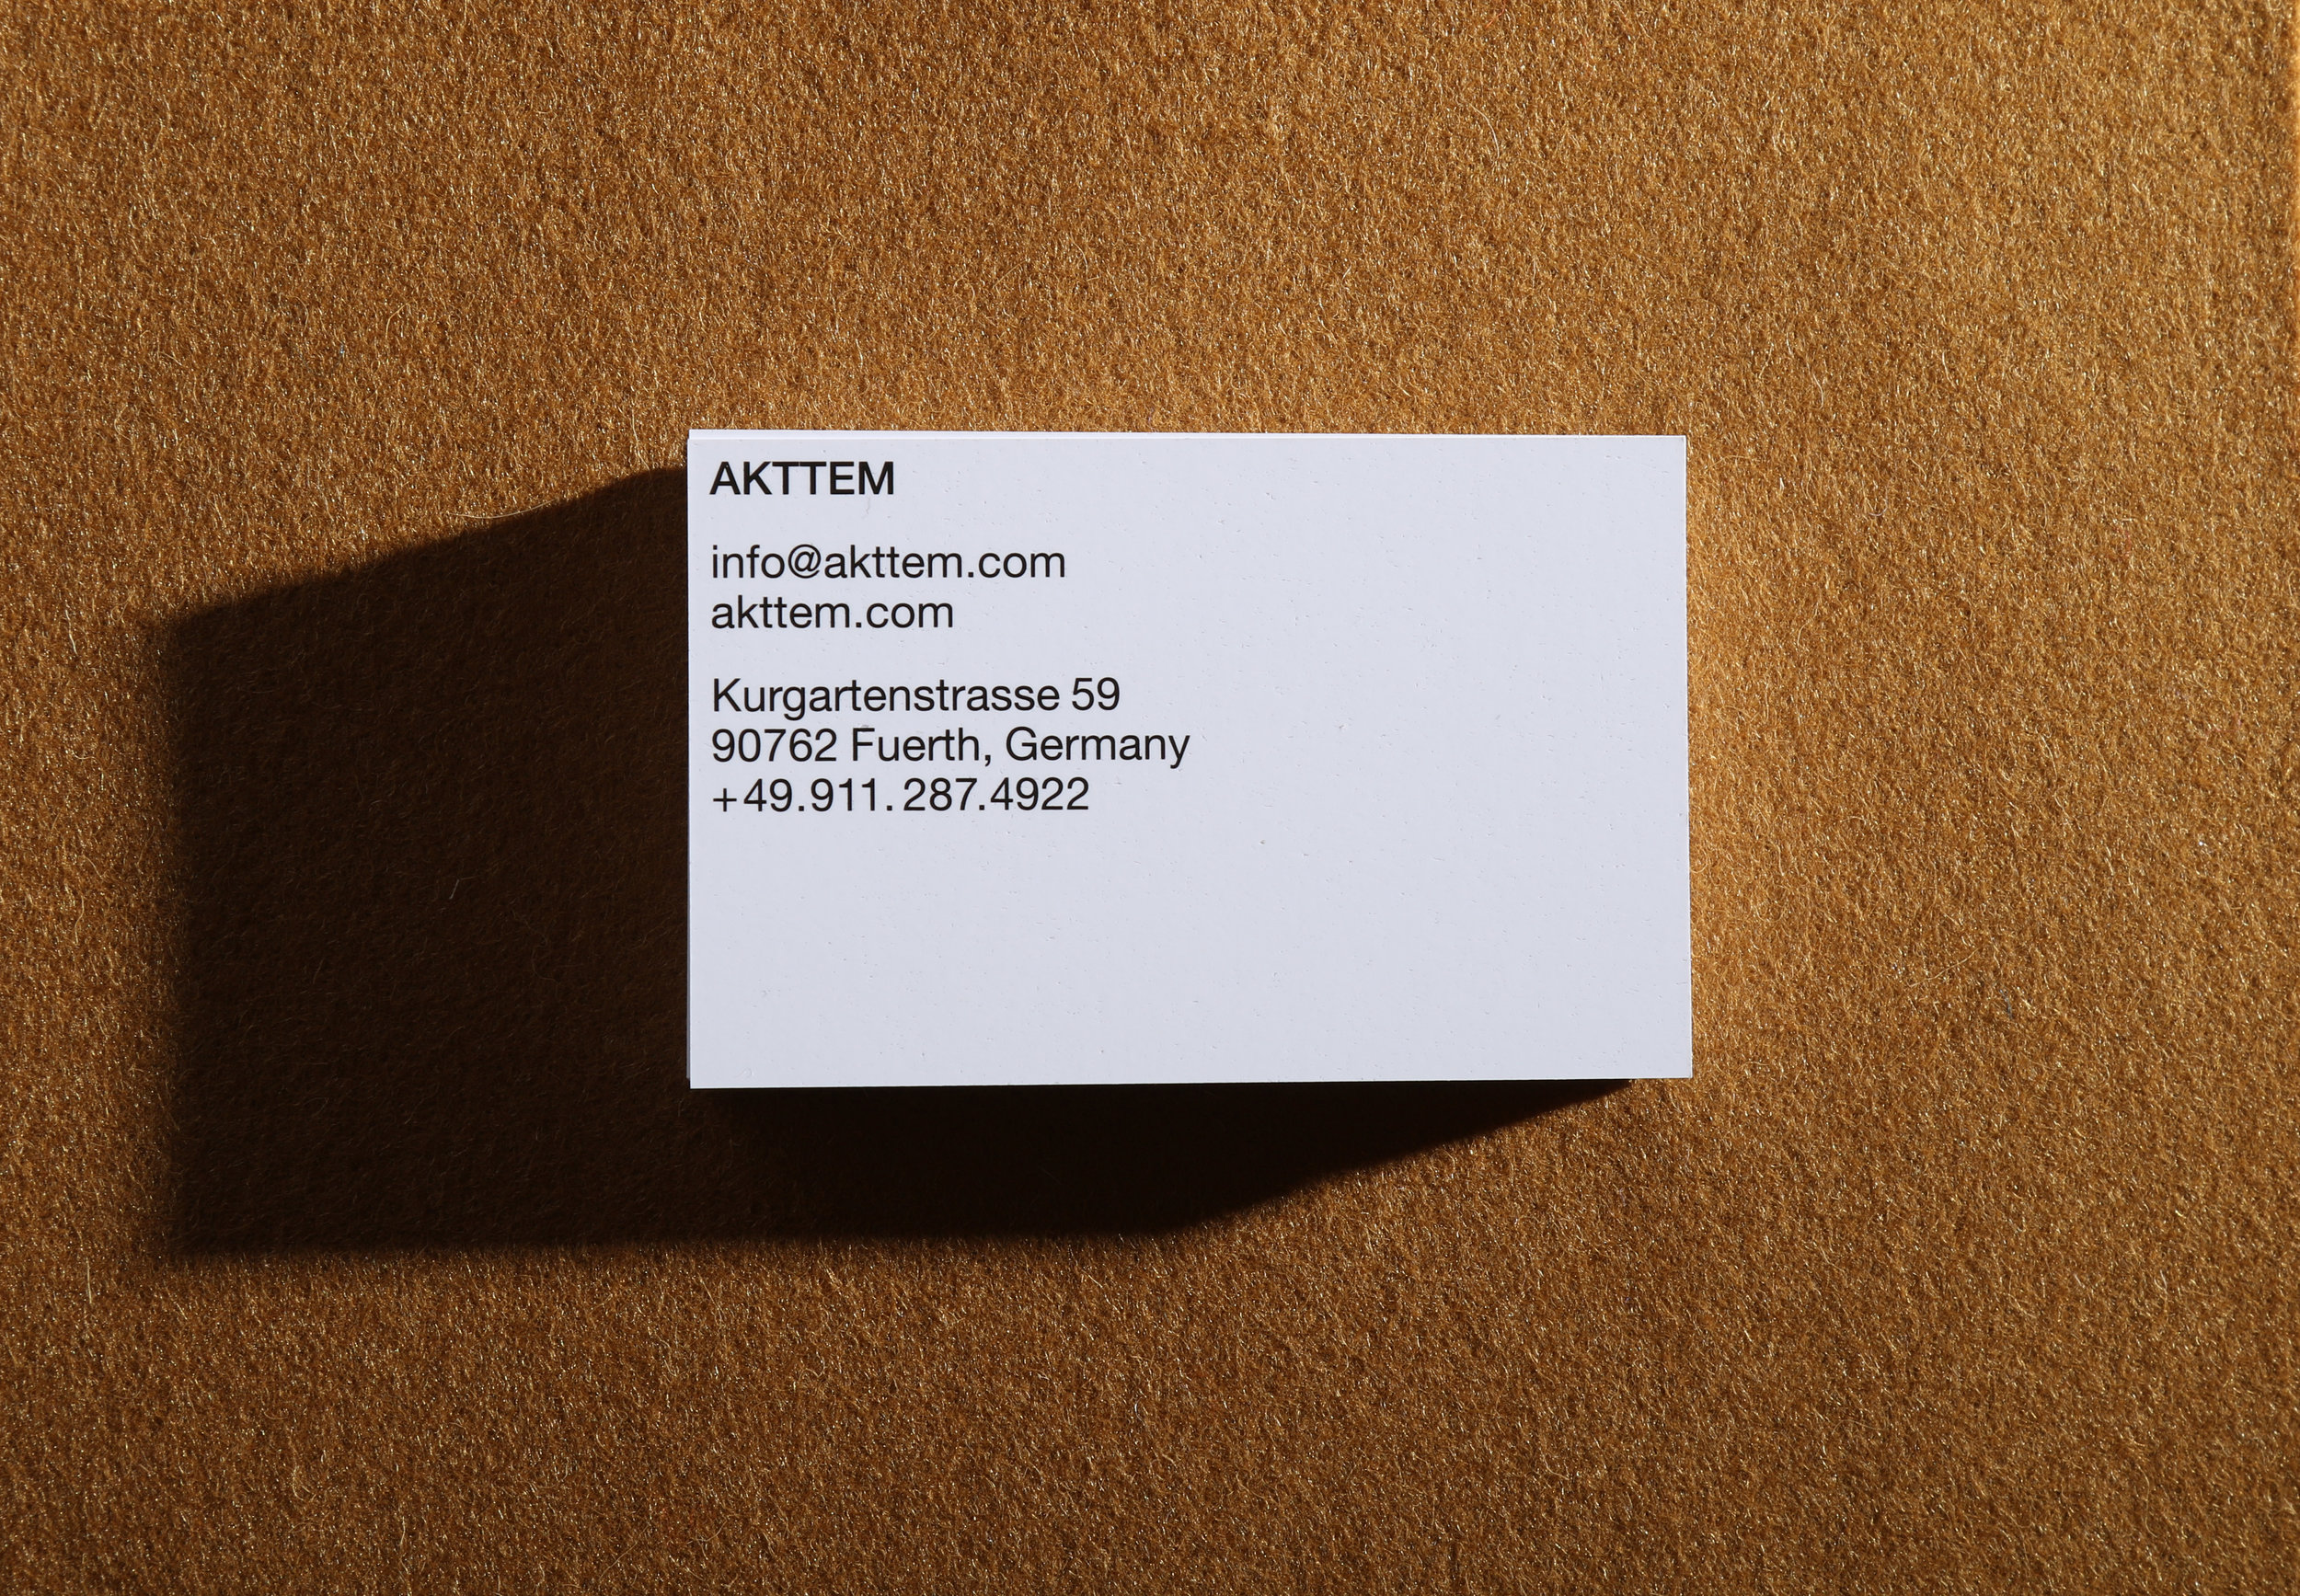 Studio-Verena-Hennig-AKTTEM-Branding.jpg